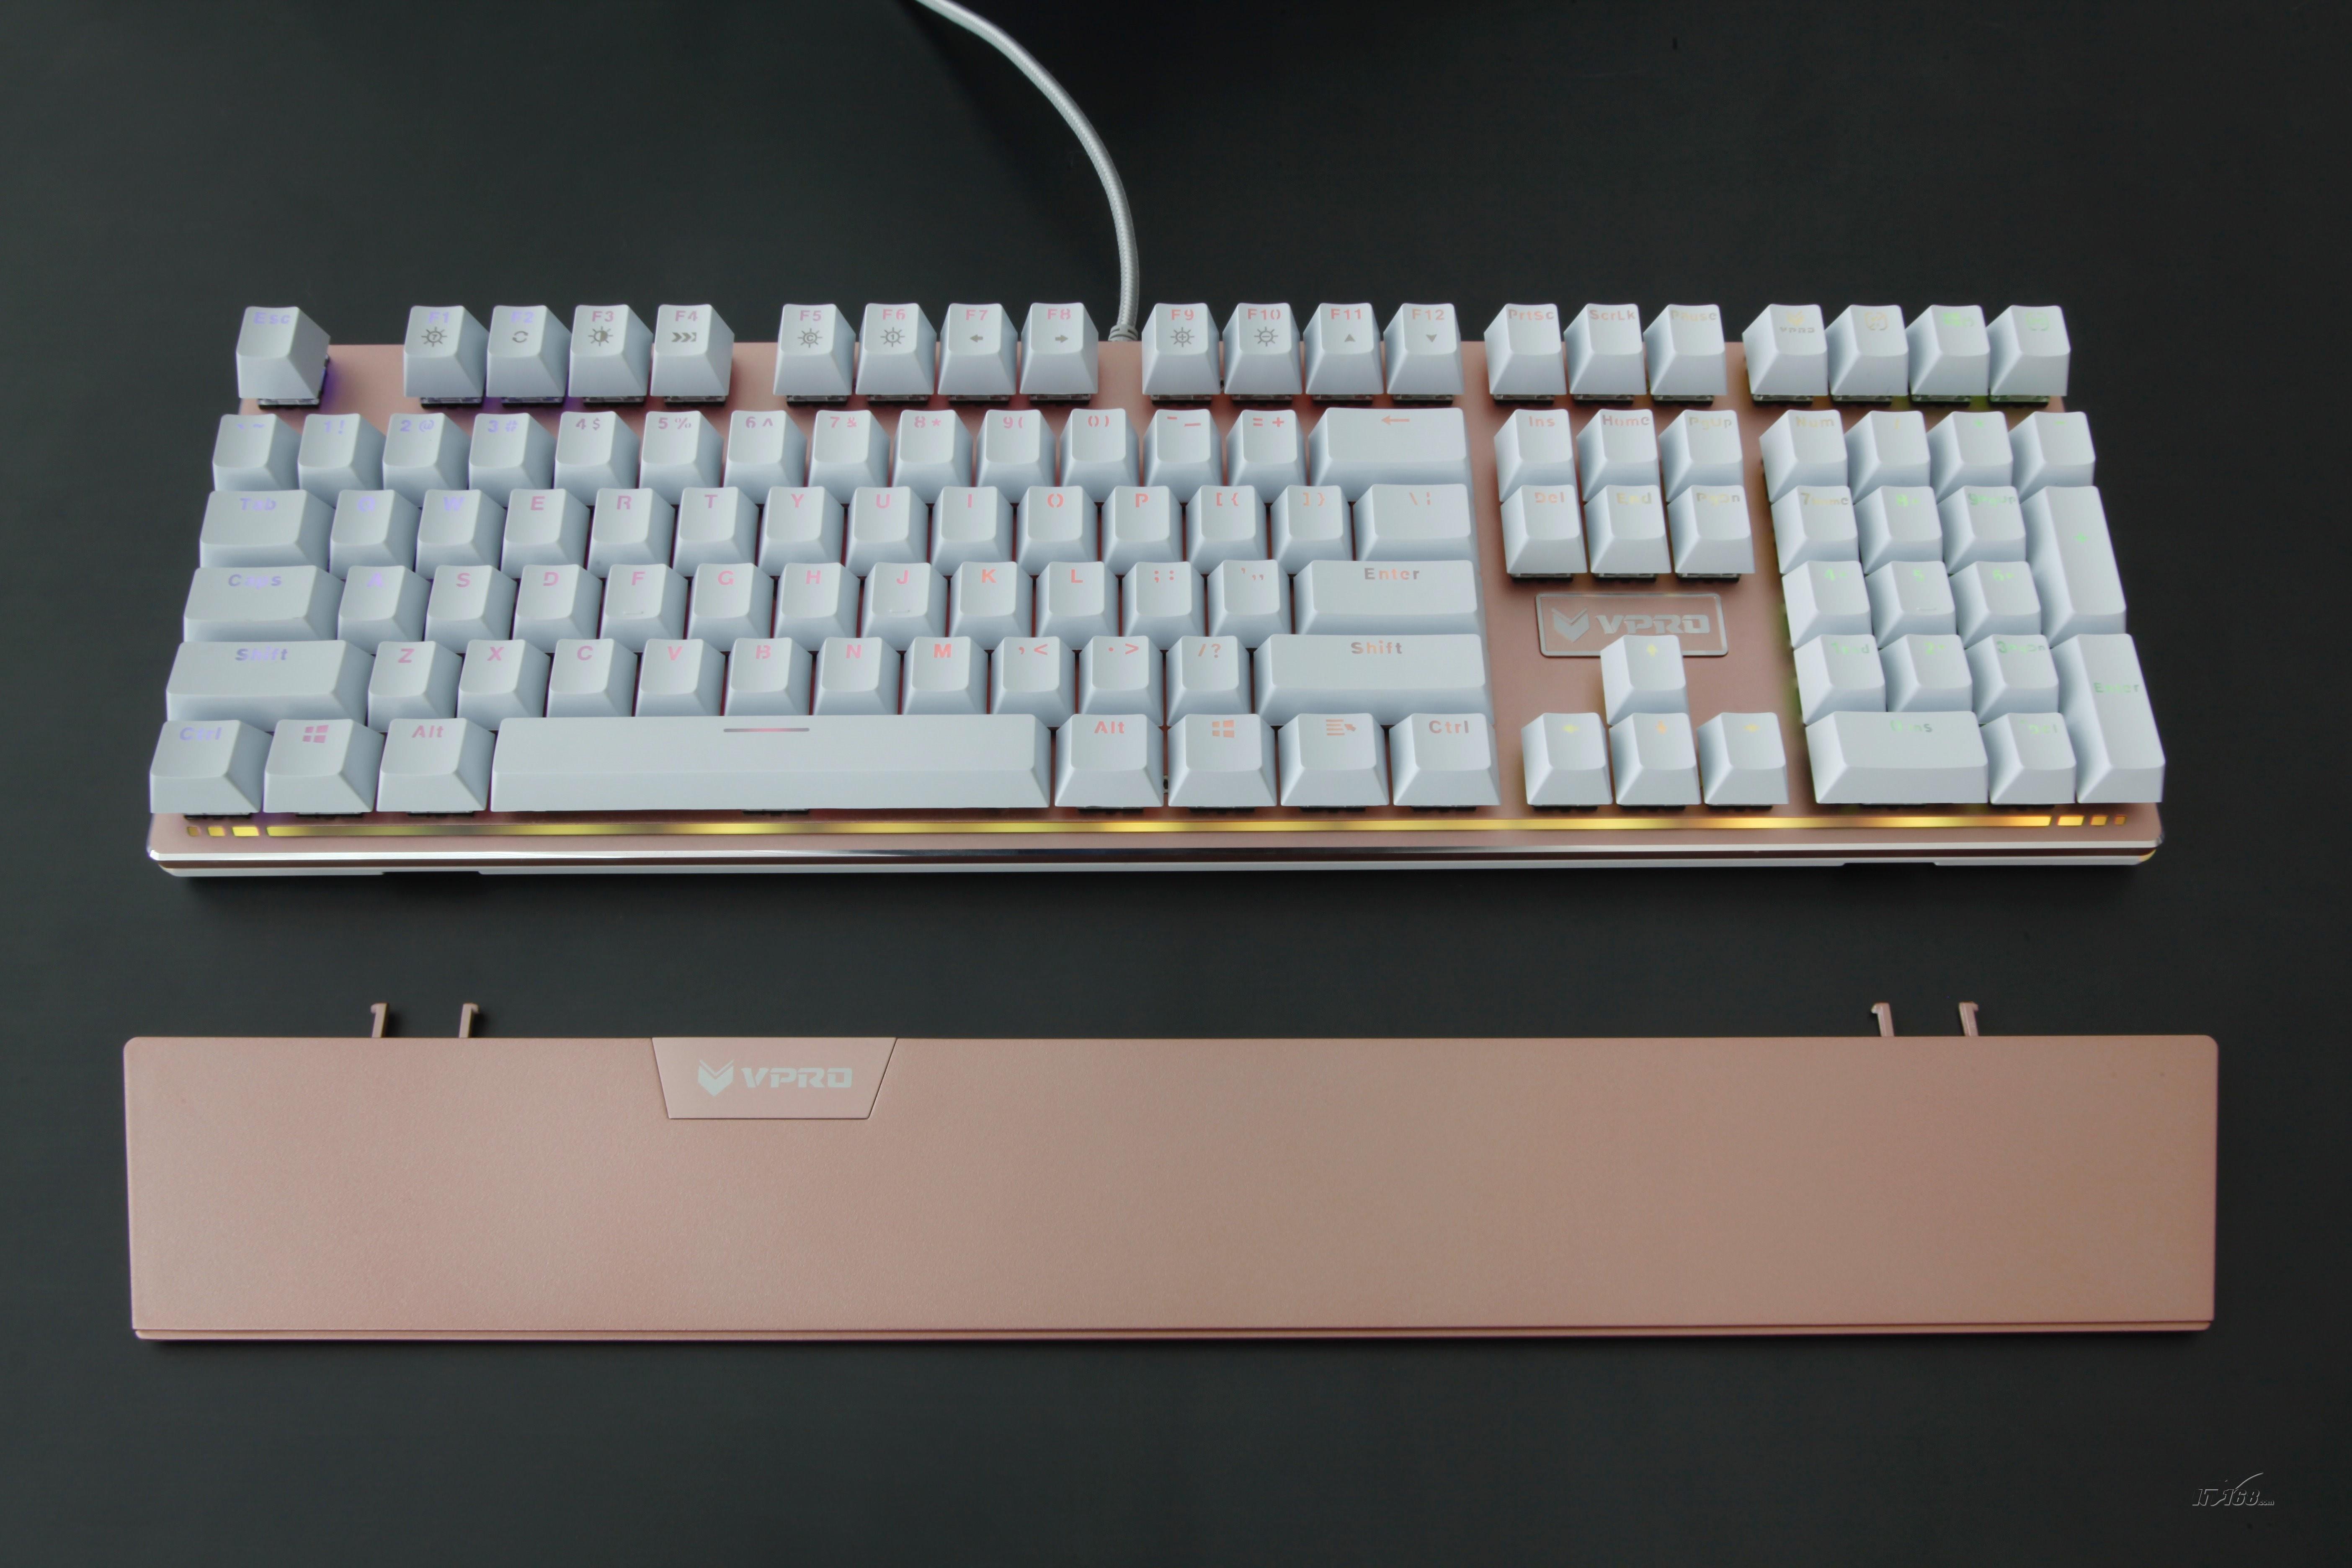 雷柏v720全彩背光游戏机械键盘键盘产品图片18素材-it